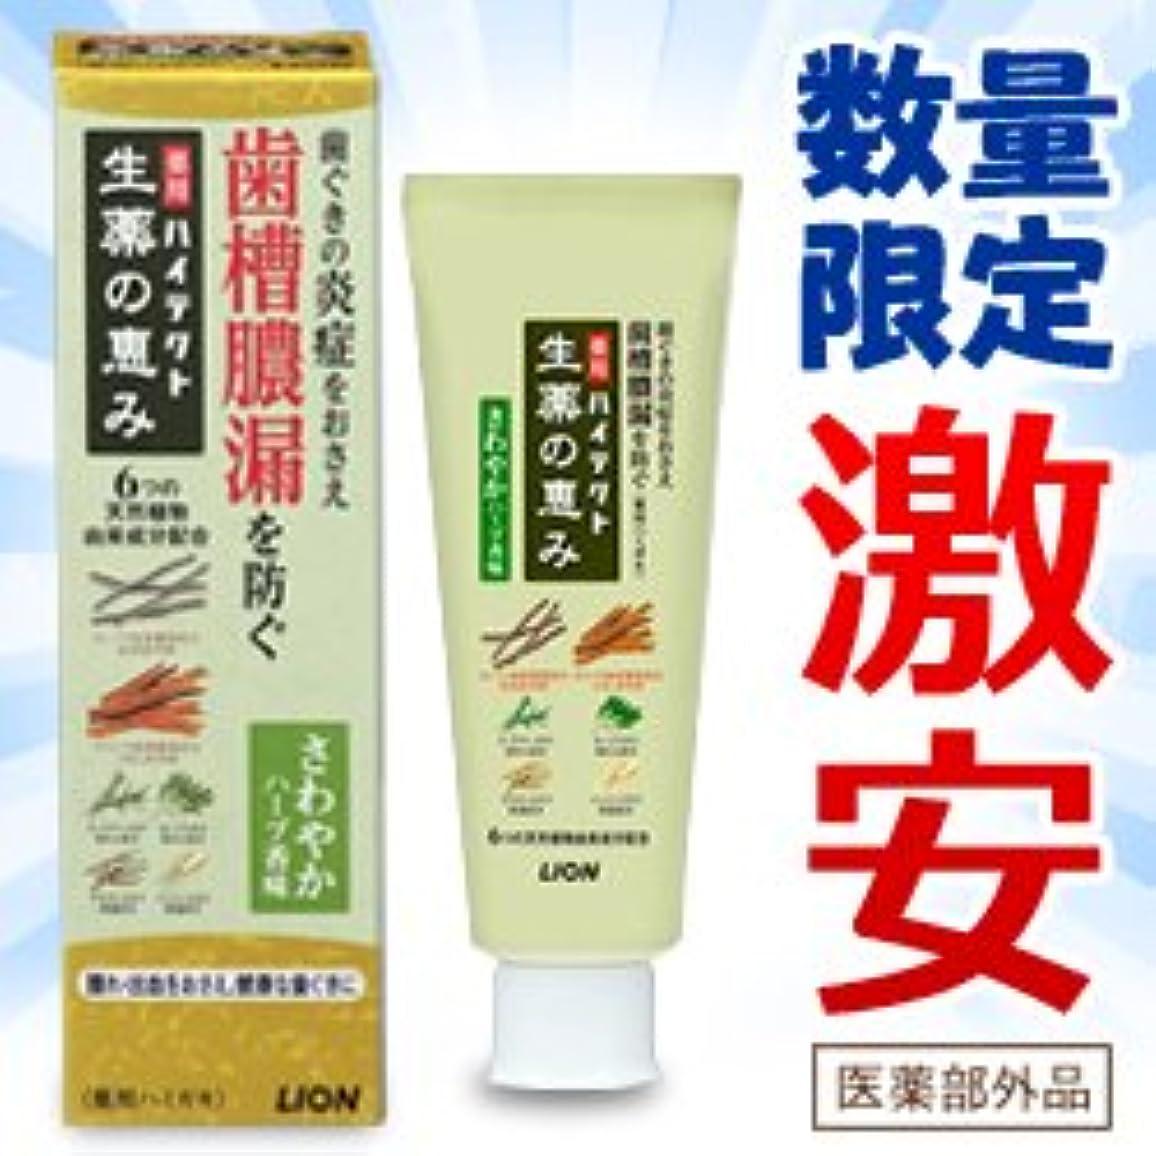 新鮮なリンス無効にする【ライオン】ハイテクト 生薬の恵み さわやかハーブ香味90g×5個セット